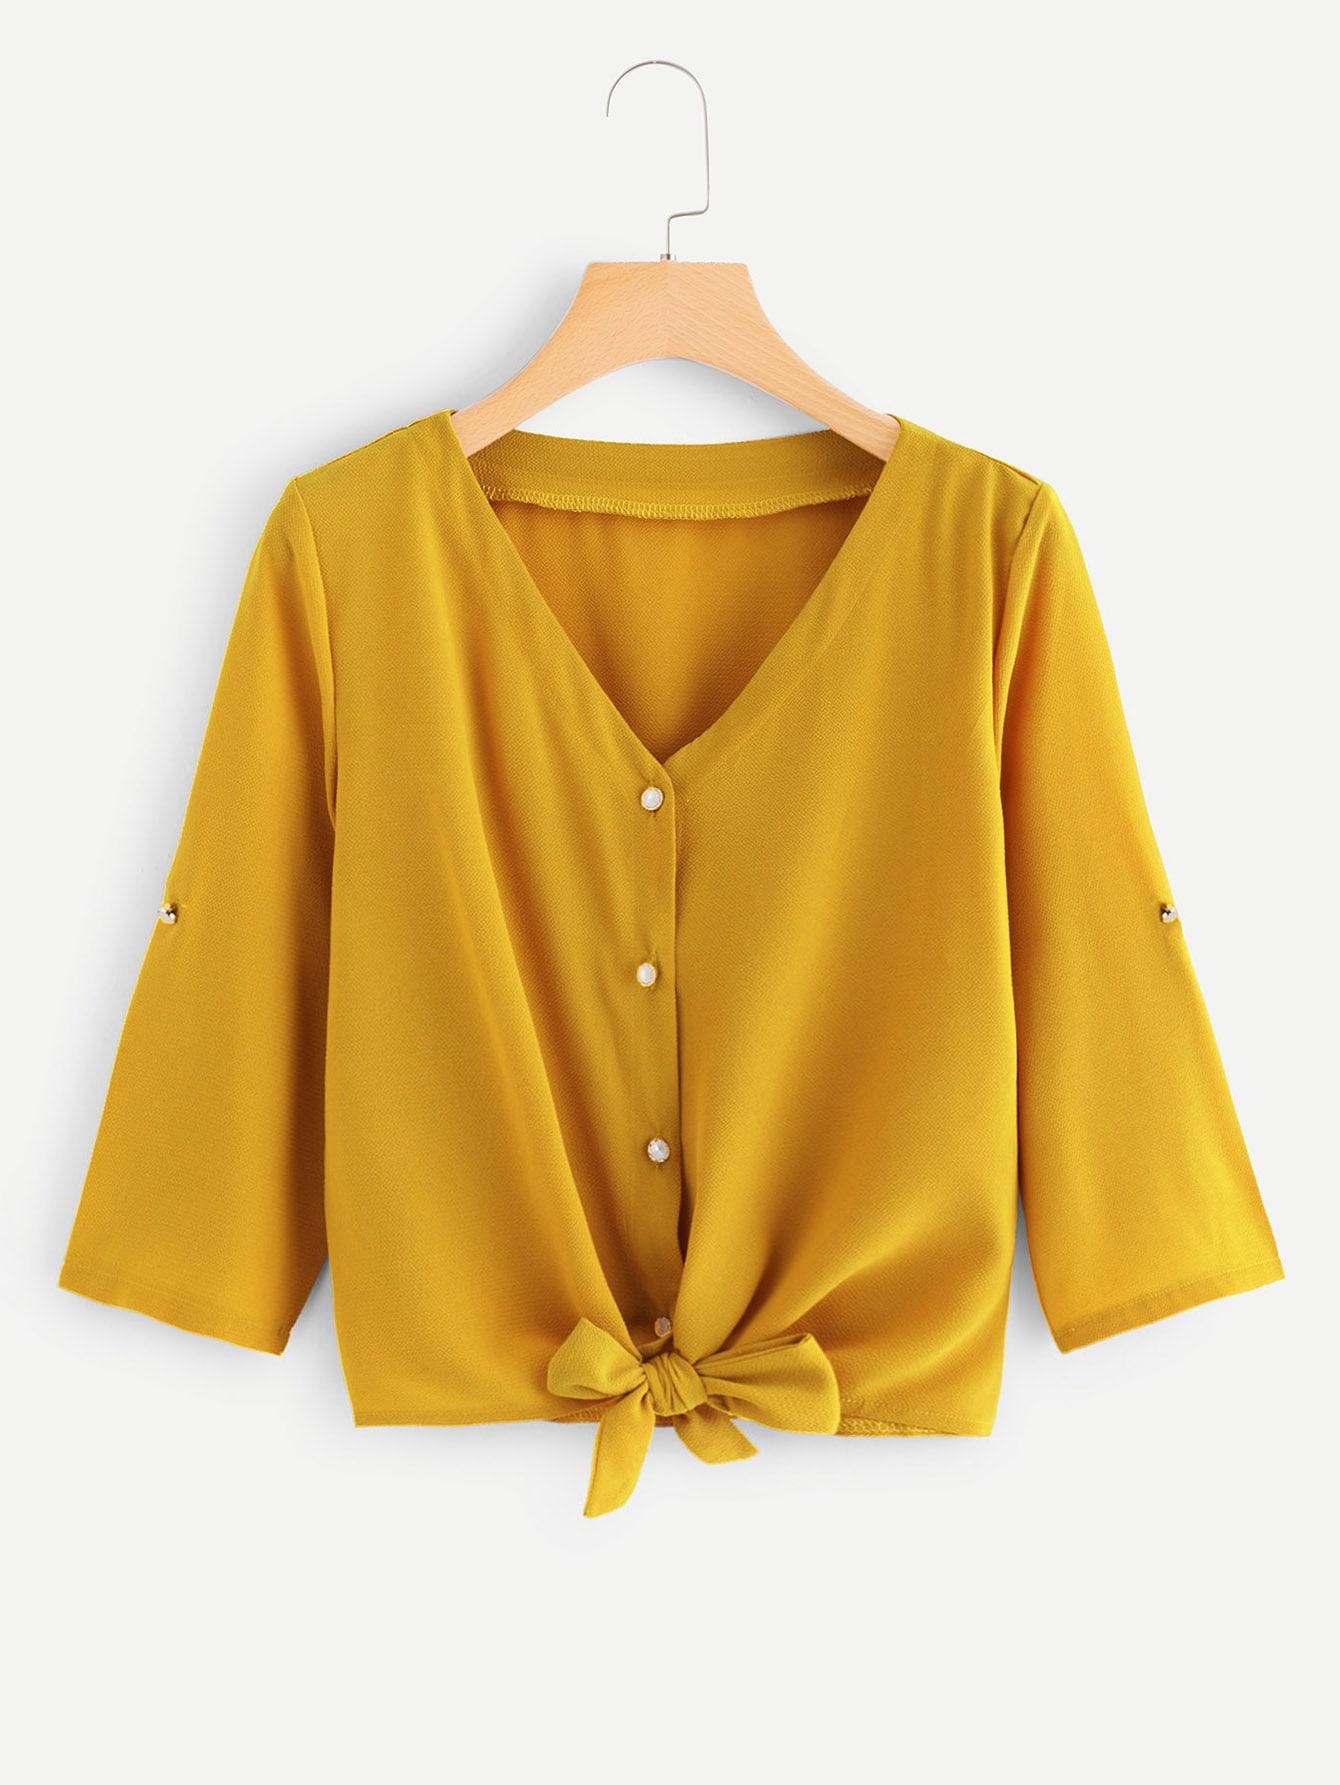 Купить Повседневный Одноцветный Пуговица Имбирный Блузы+рубашки, null, SheIn